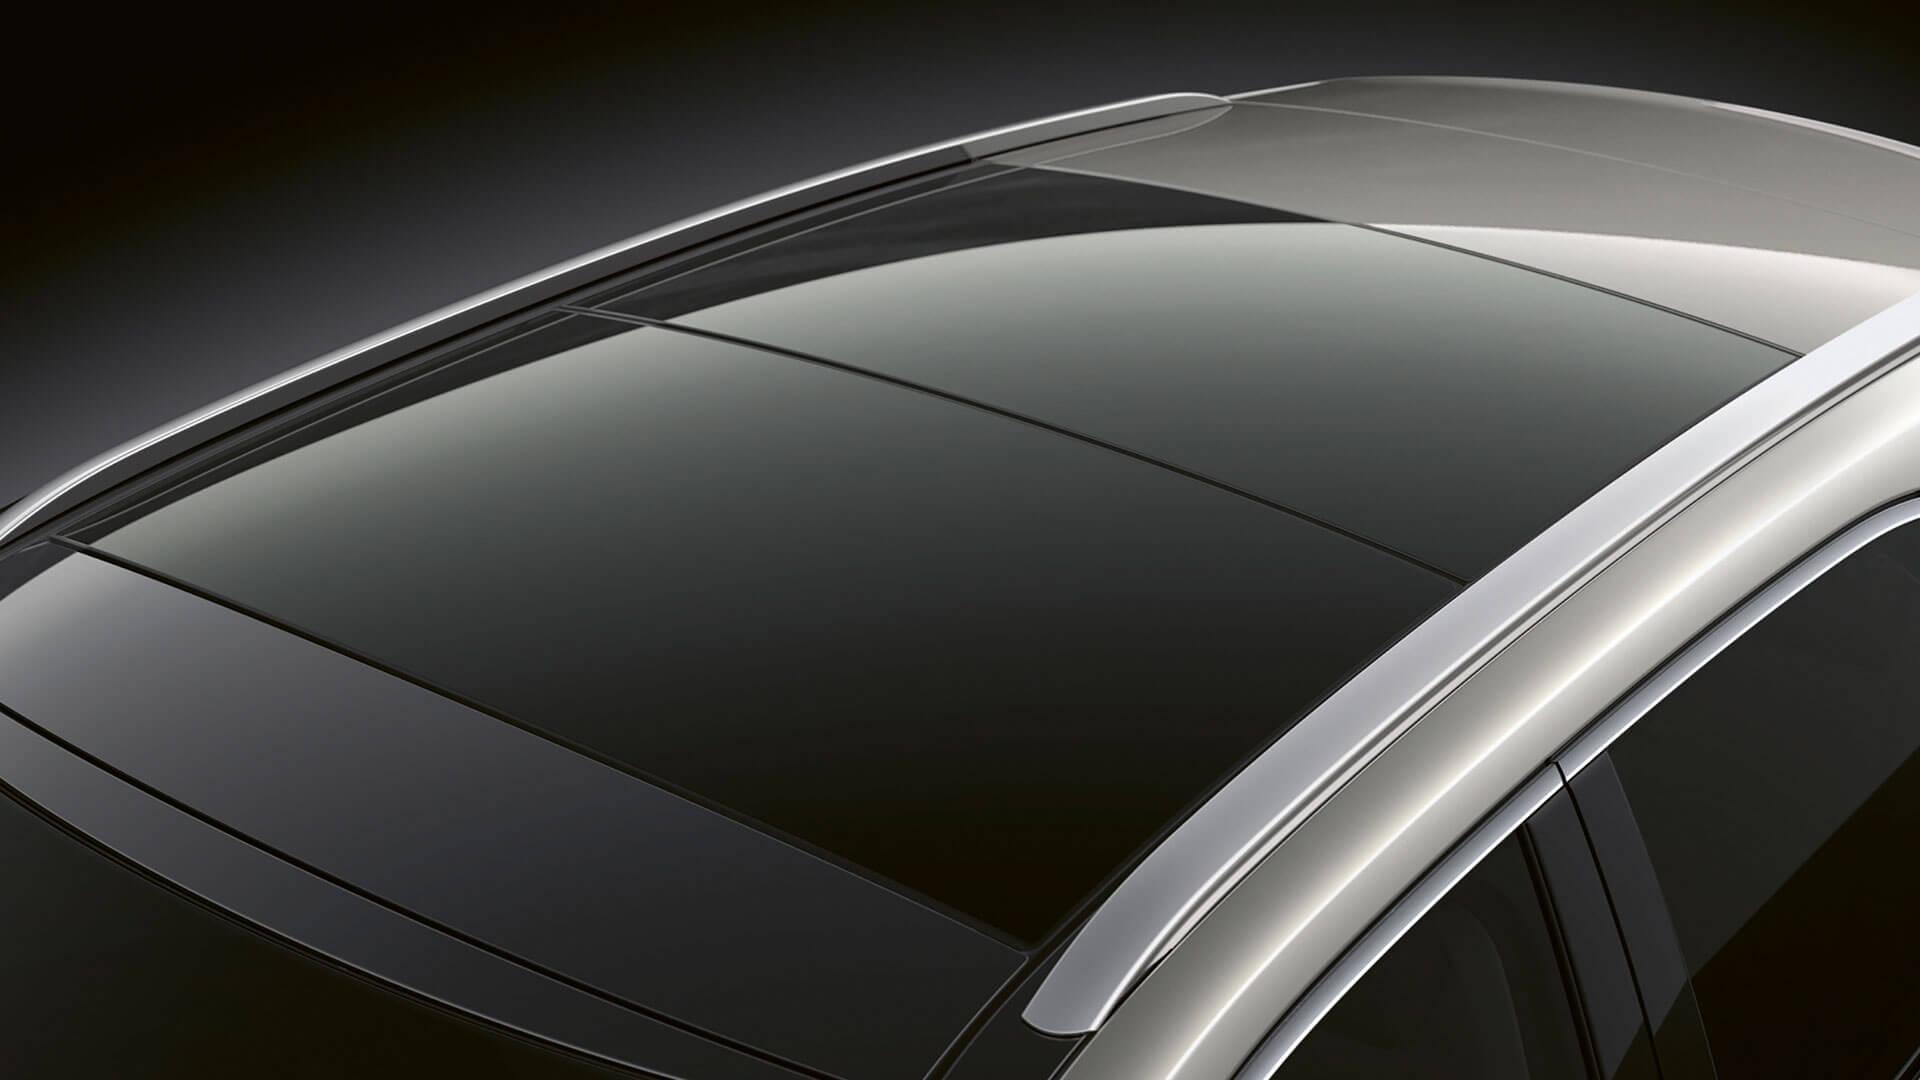 2019 lexus rx hotspot exterior 20 sunroof aluminium rails